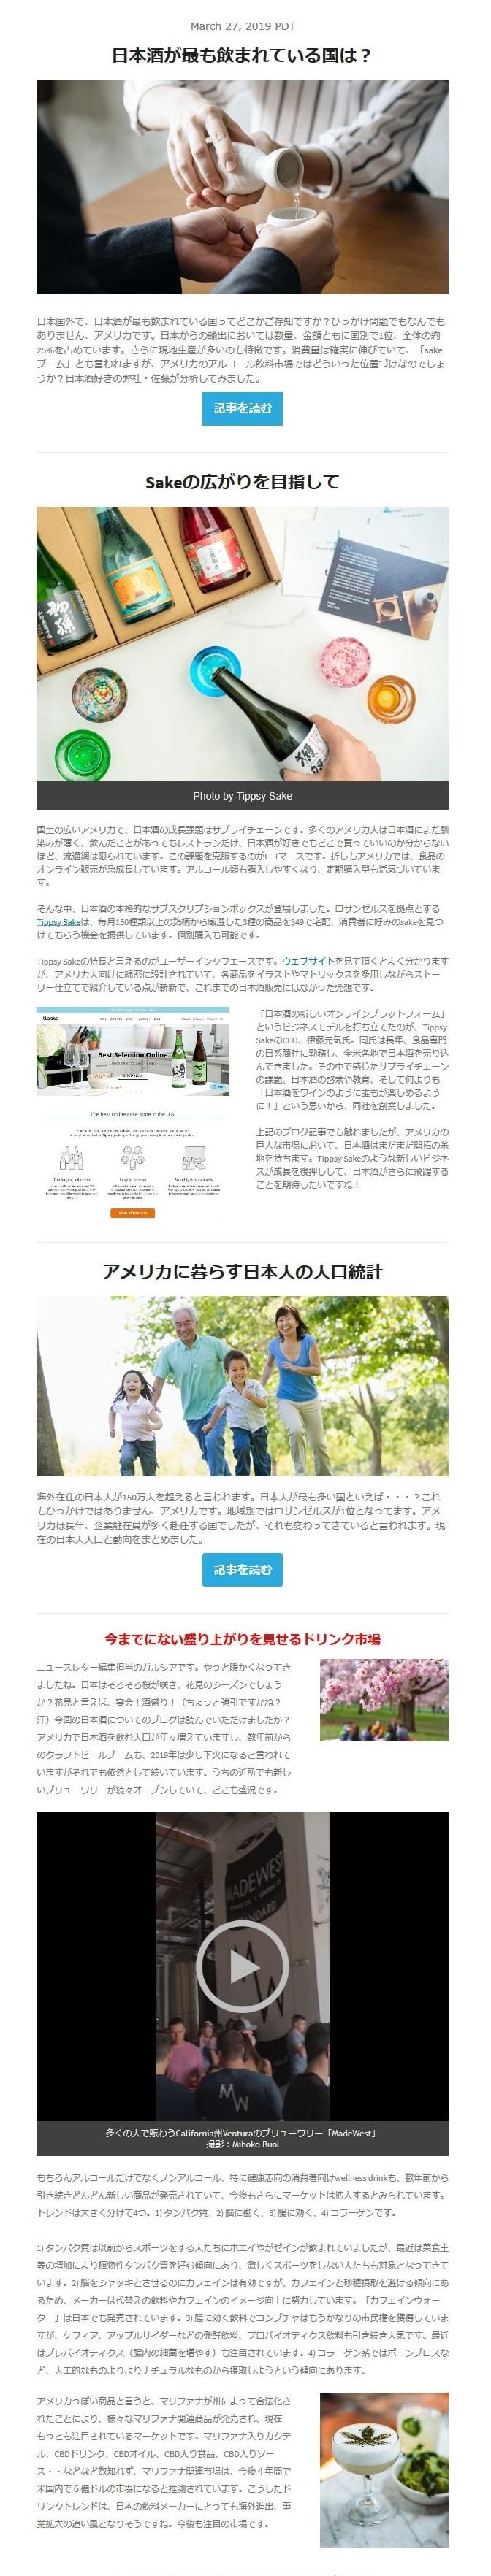 日本酒が人気の国